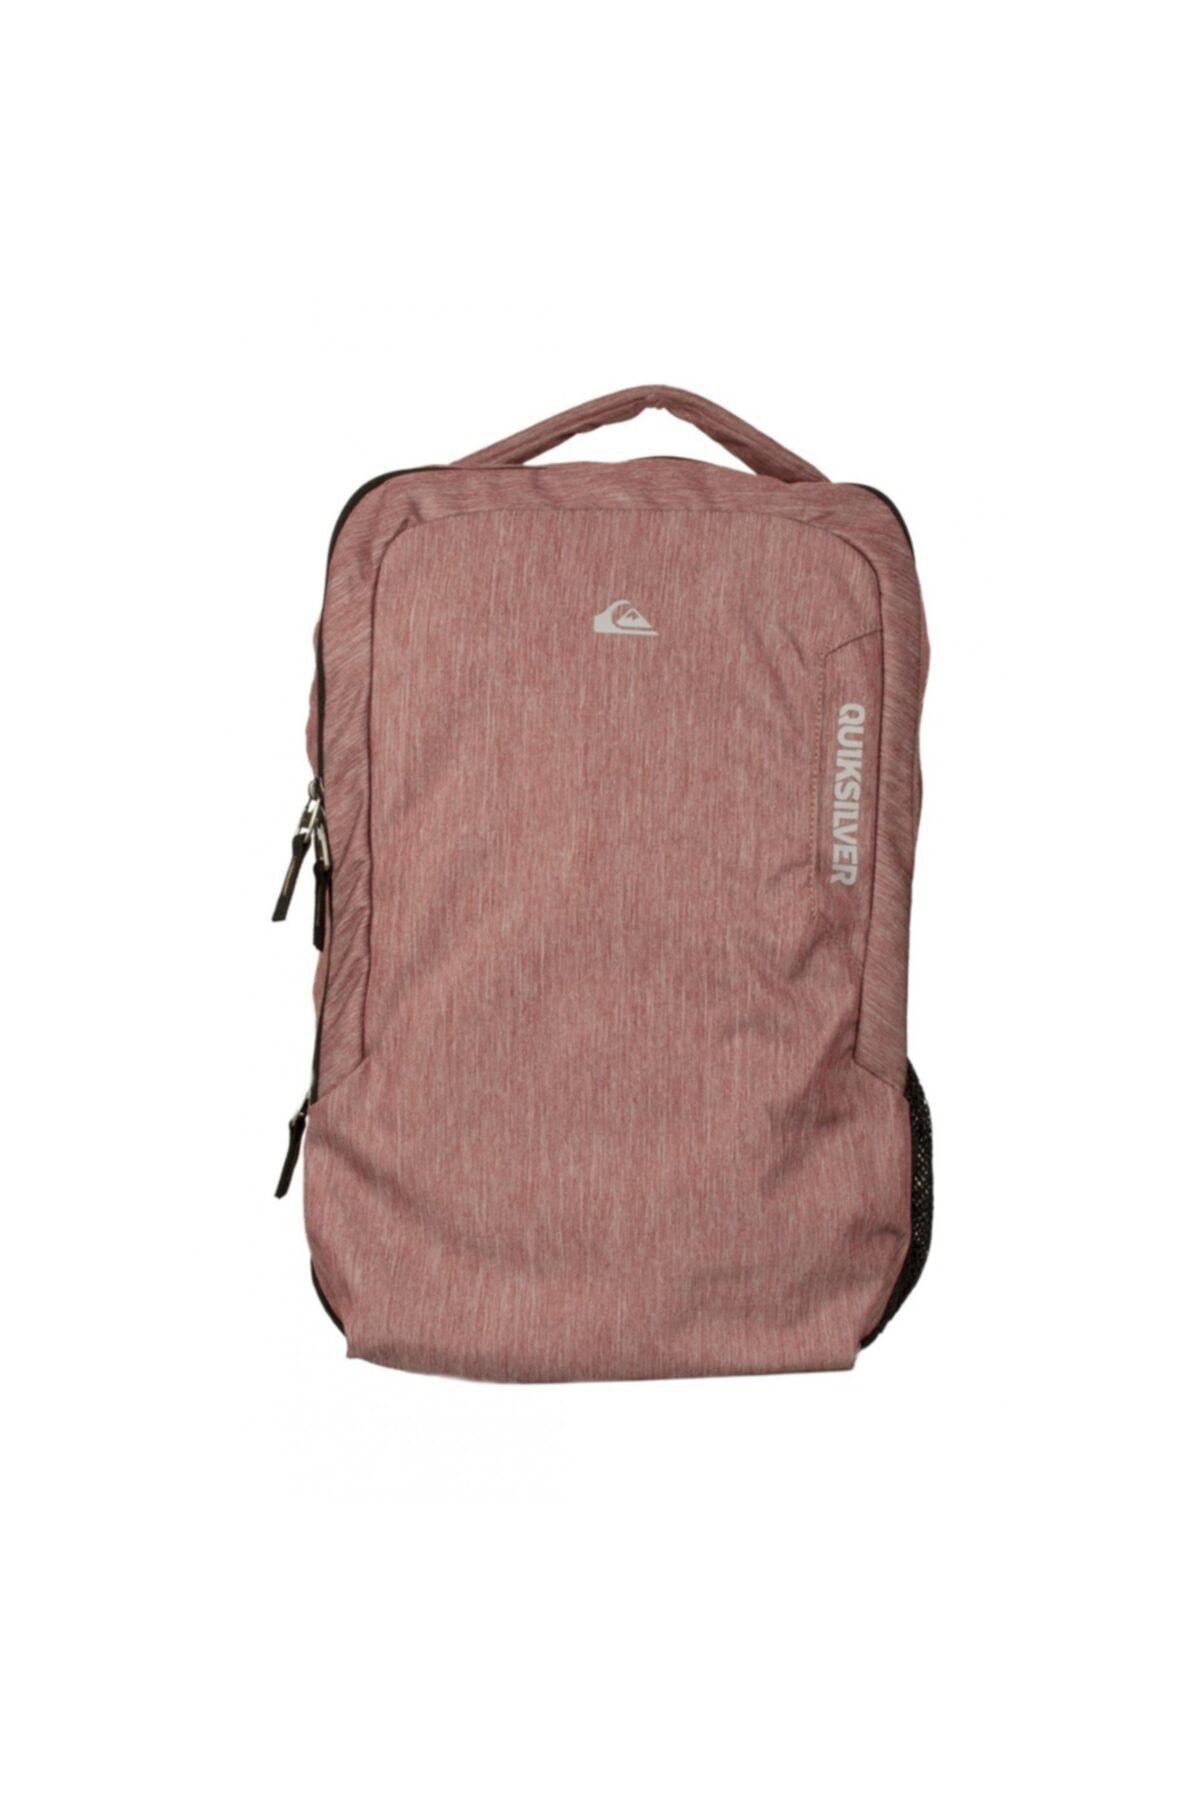 Quiksilver Unisex Kırmızı Everyday Backpack Sırt Çantası 1